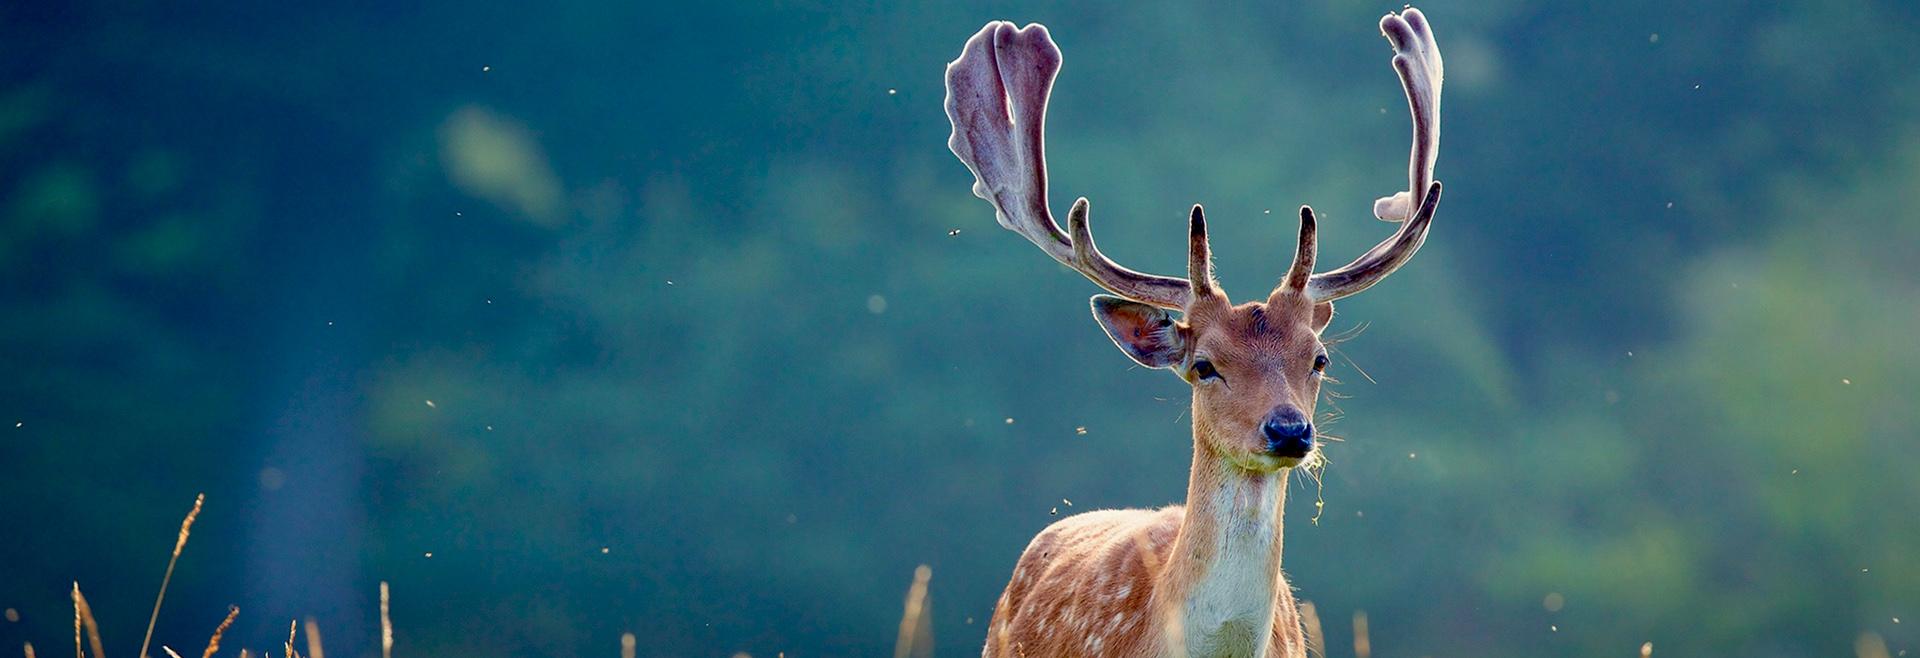 As espécies cinegéticas assumem um papel ecológico fundamental, providenciando diversos serviços de ecossistemas